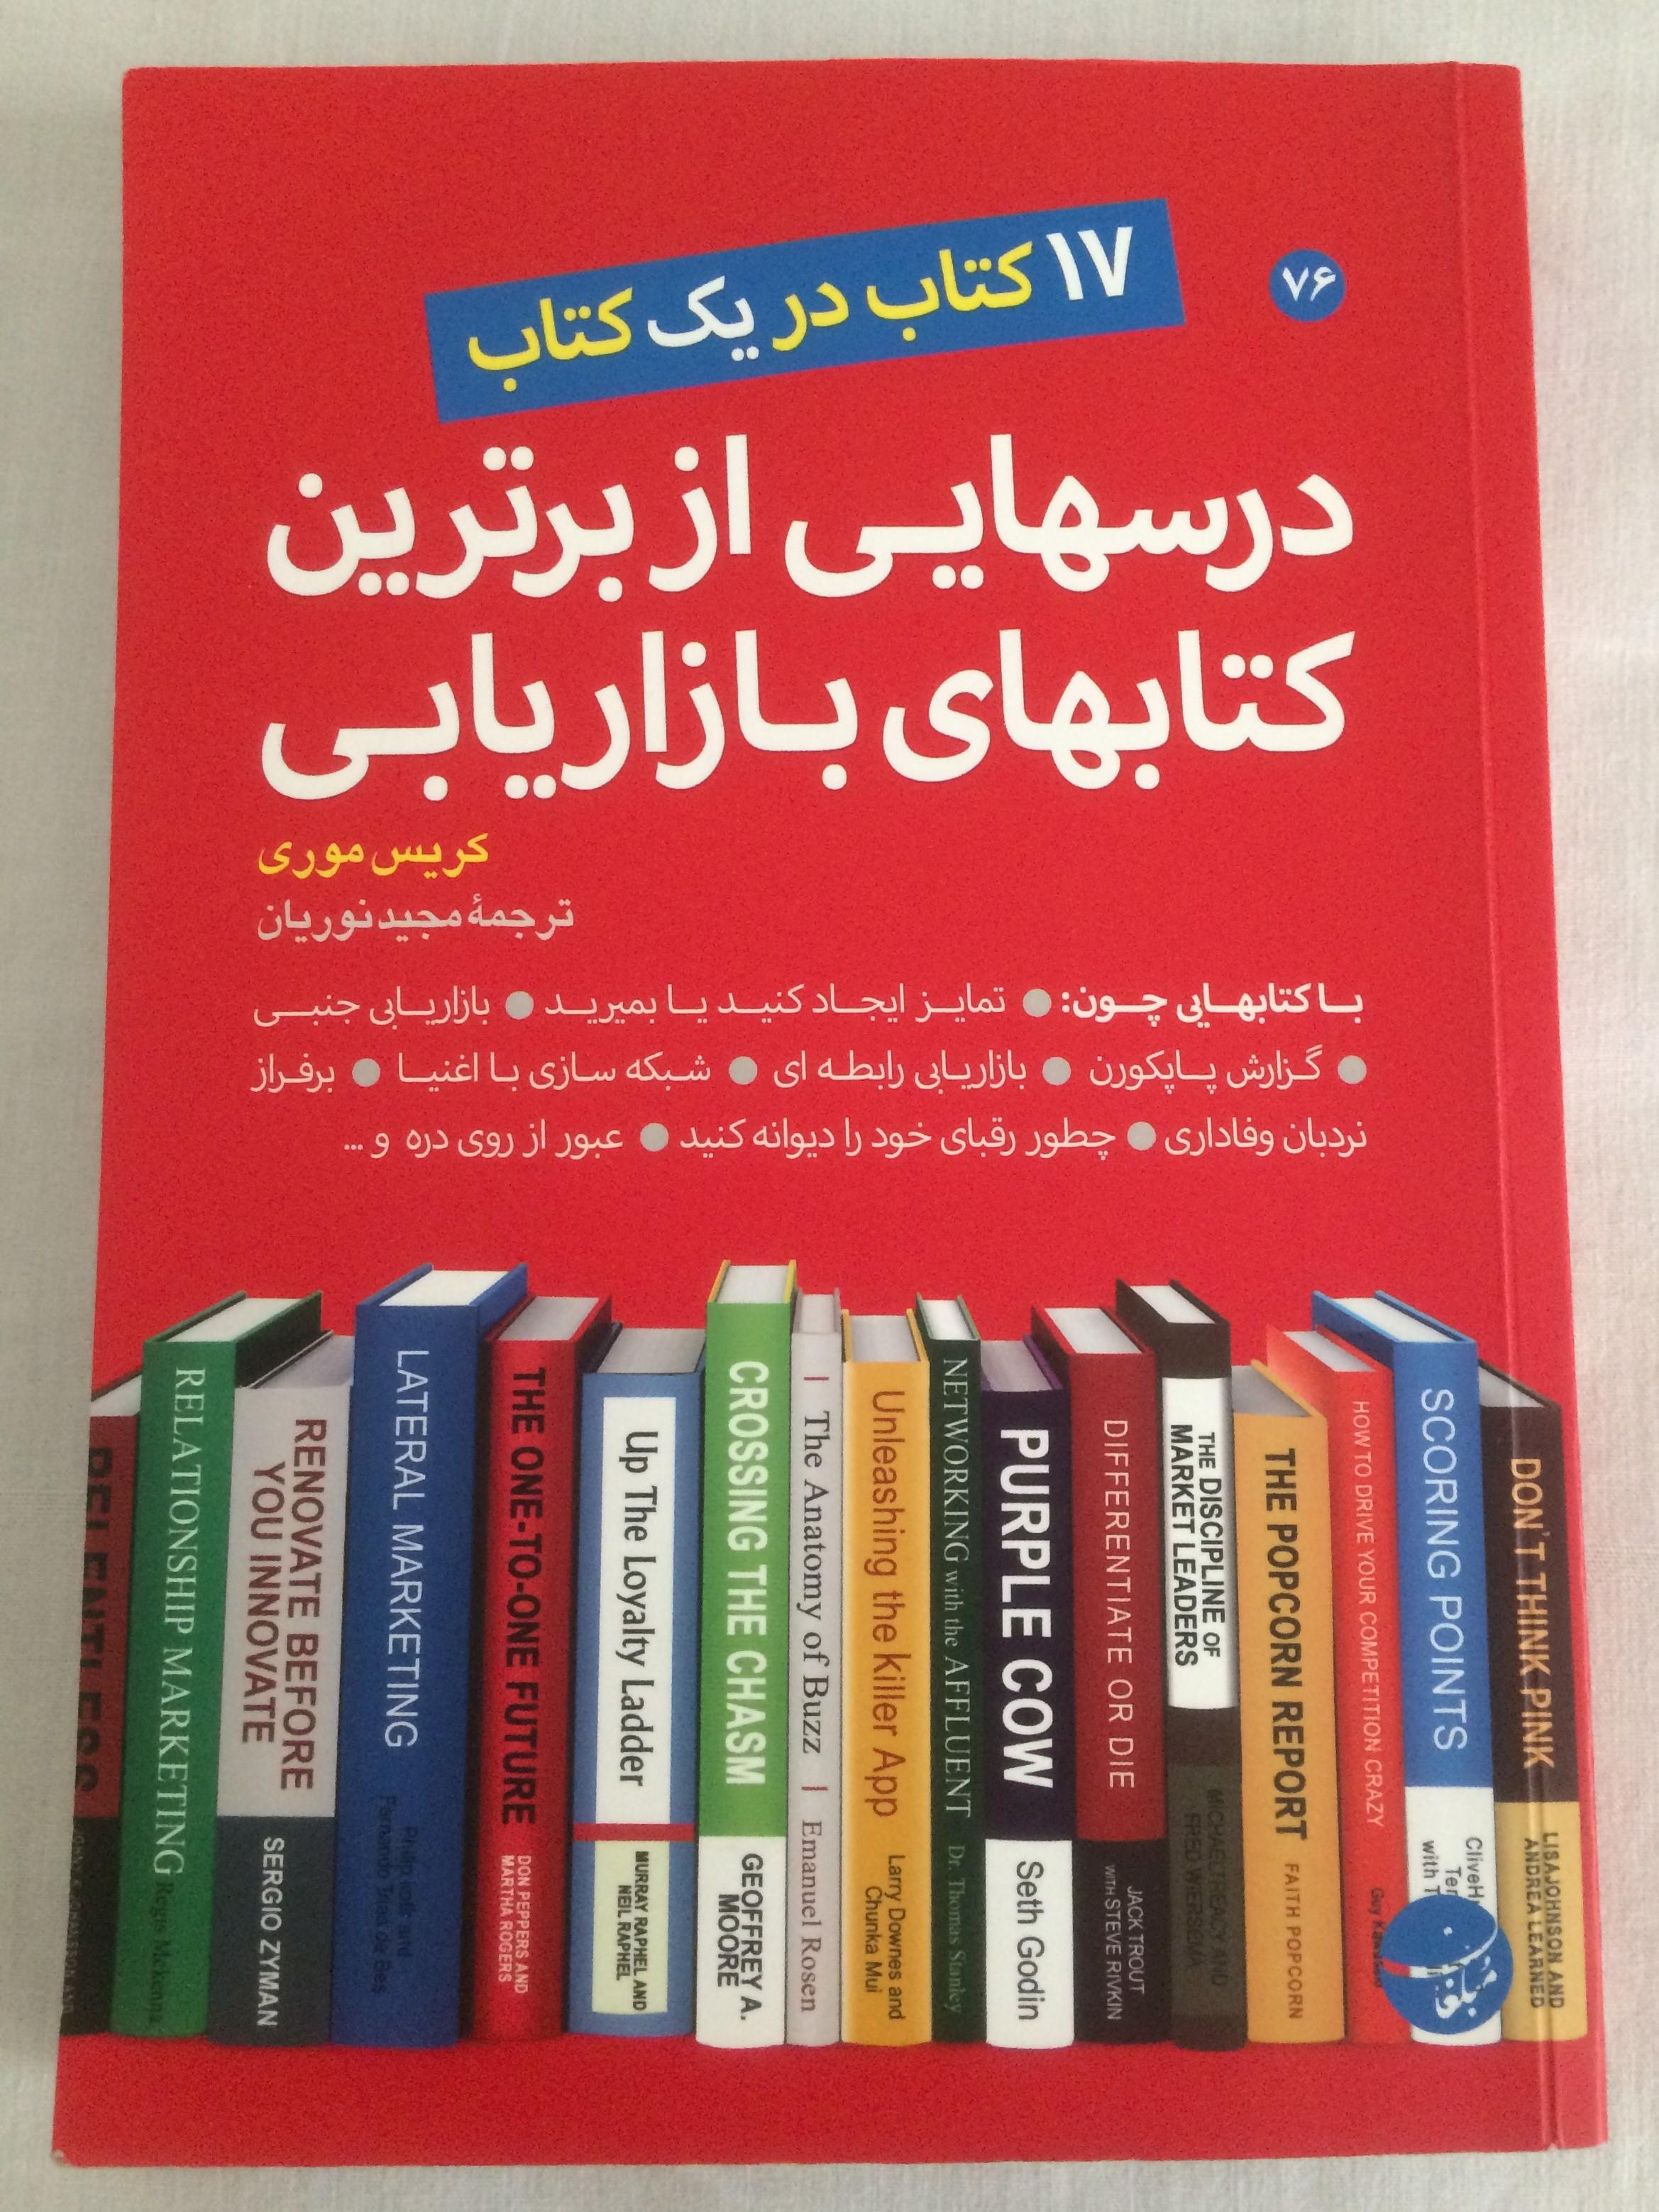 کتاب های مدیریت محصول توسط یک مدیر محصول در آکادمی مدیریت محصول